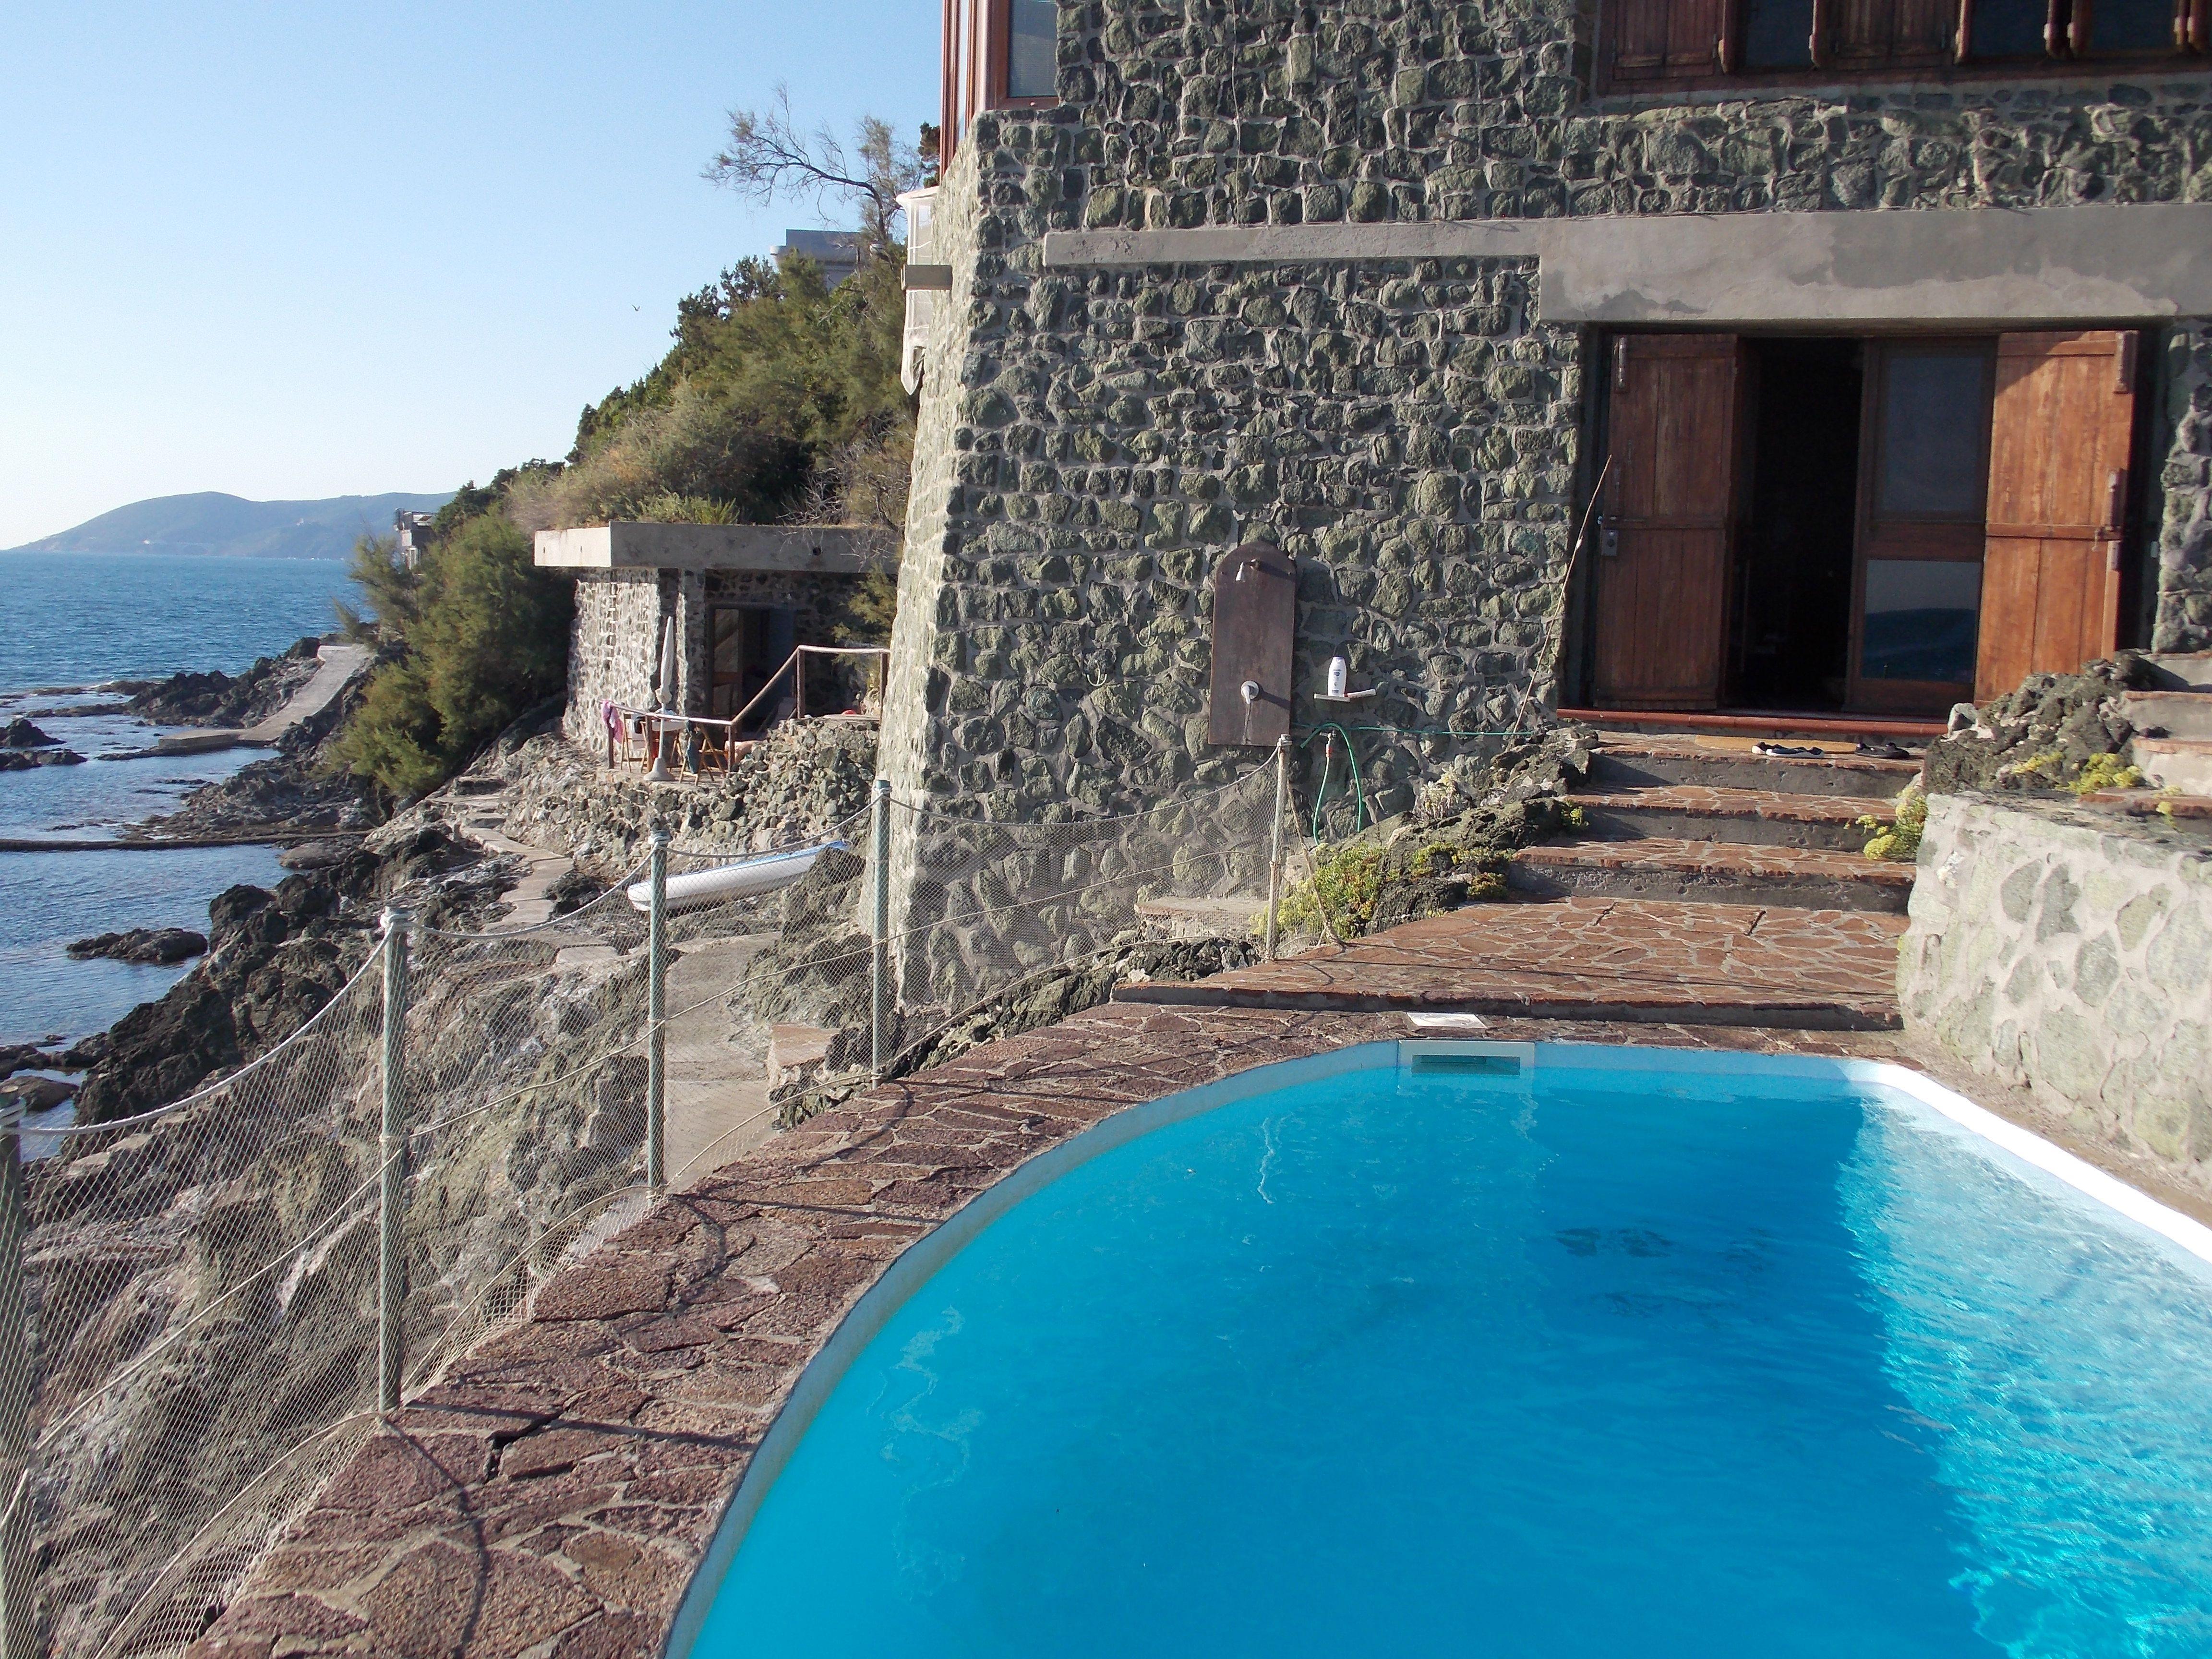 Villa con piscina a picco sul mare a castiglioncello tripadvisor hotel b b case vacanza - Hotel sul mare con piscina ...